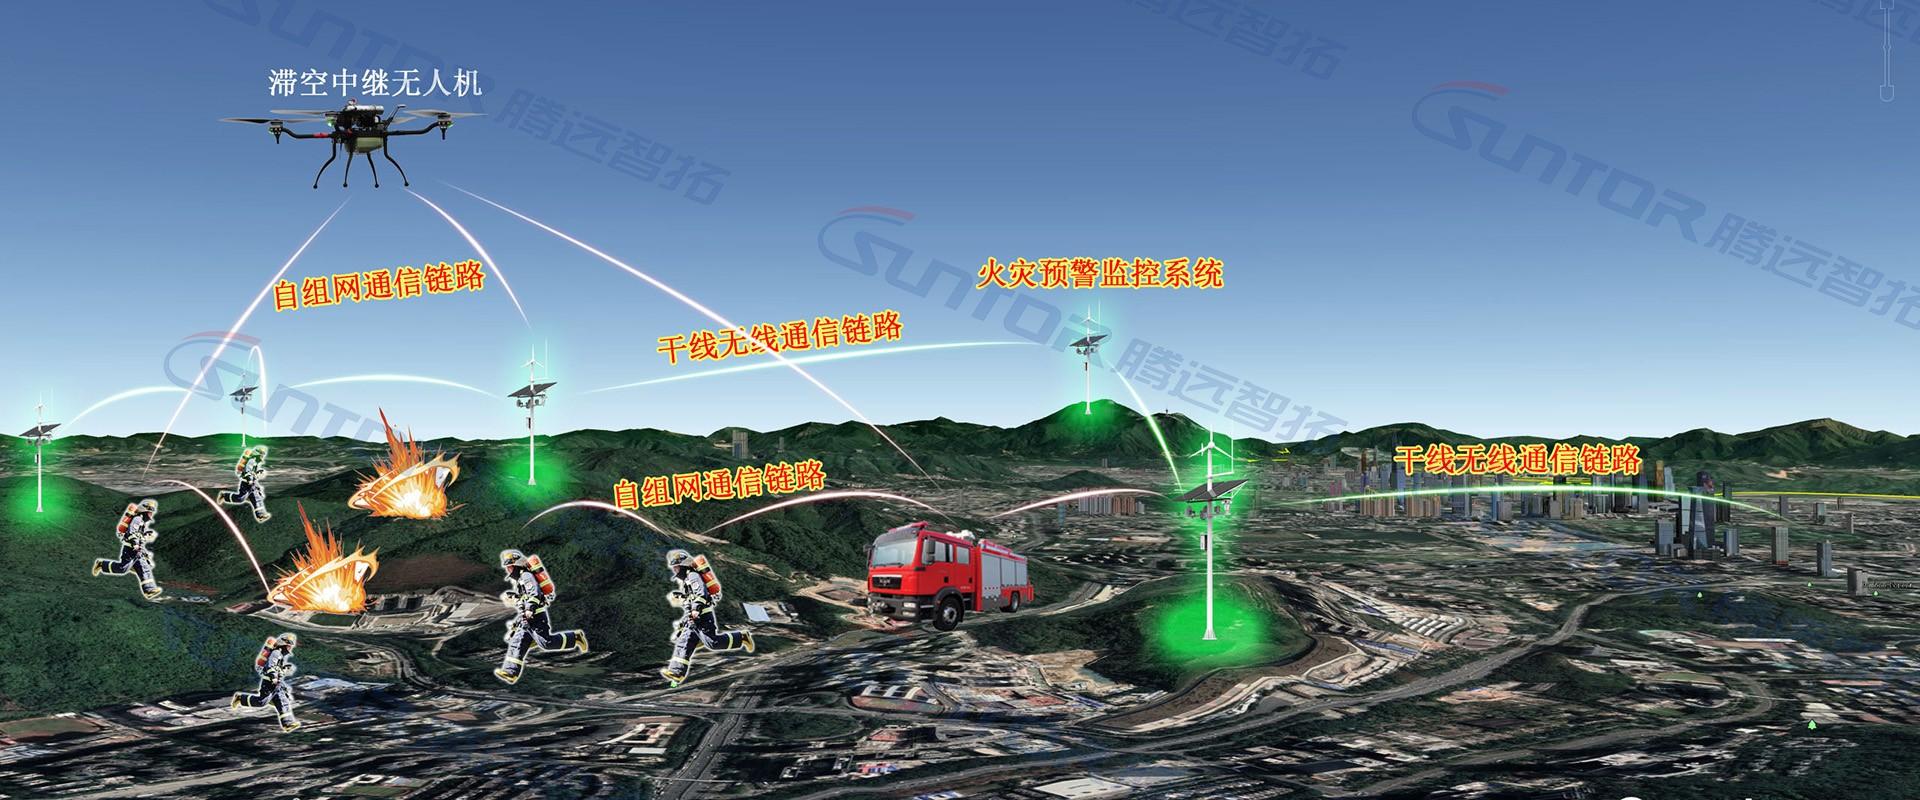 森林消防应急无线自组网方案图